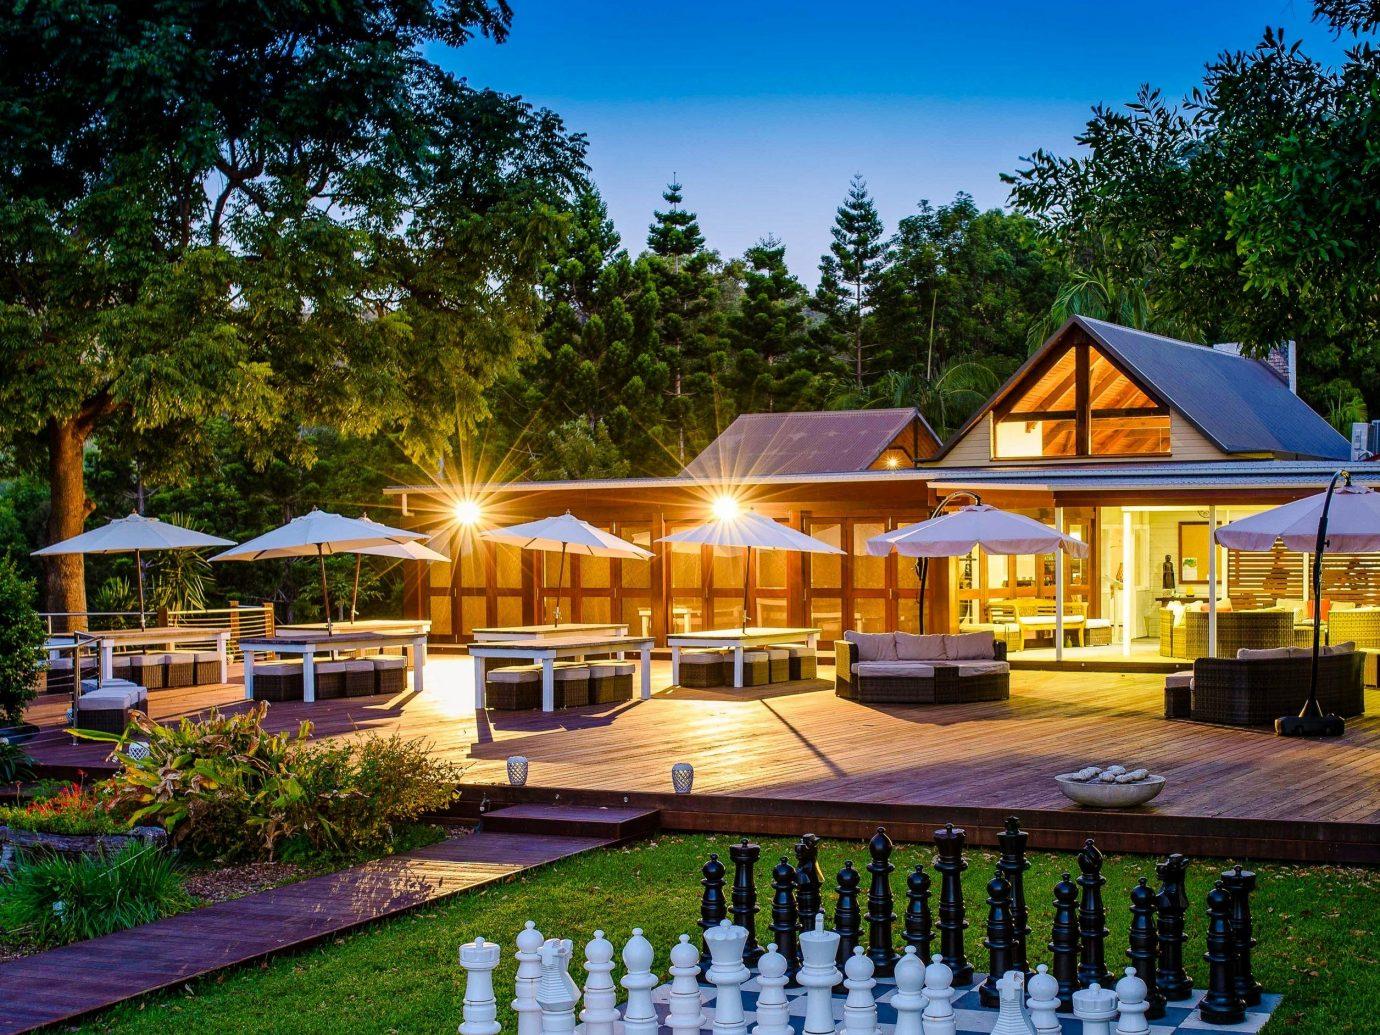 Celebs Hotels property home Resort estate real estate house cottage leisure Villa mansion landscape outdoor structure hacienda backyard landscaping plant facade